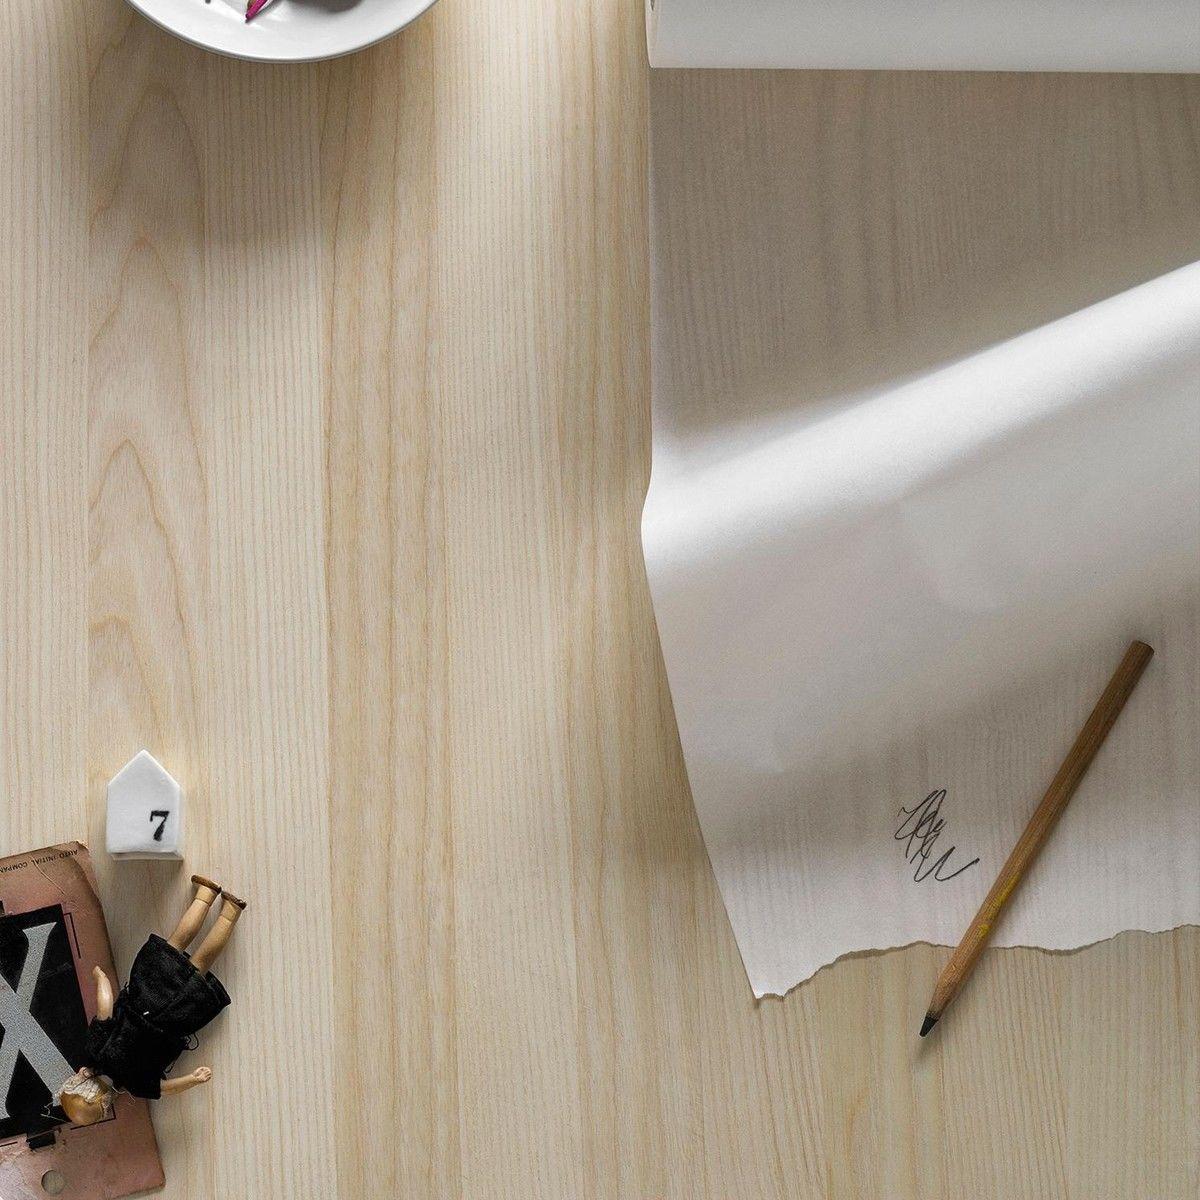 #A2295D23670408 Home Merken Fritz Hansen Essay – Tafel 265x100cm # Fritz Hansen  Meest effectief 2e Hands Design Meubelen Belgie 675 behang 12001200675 afbeeldingen